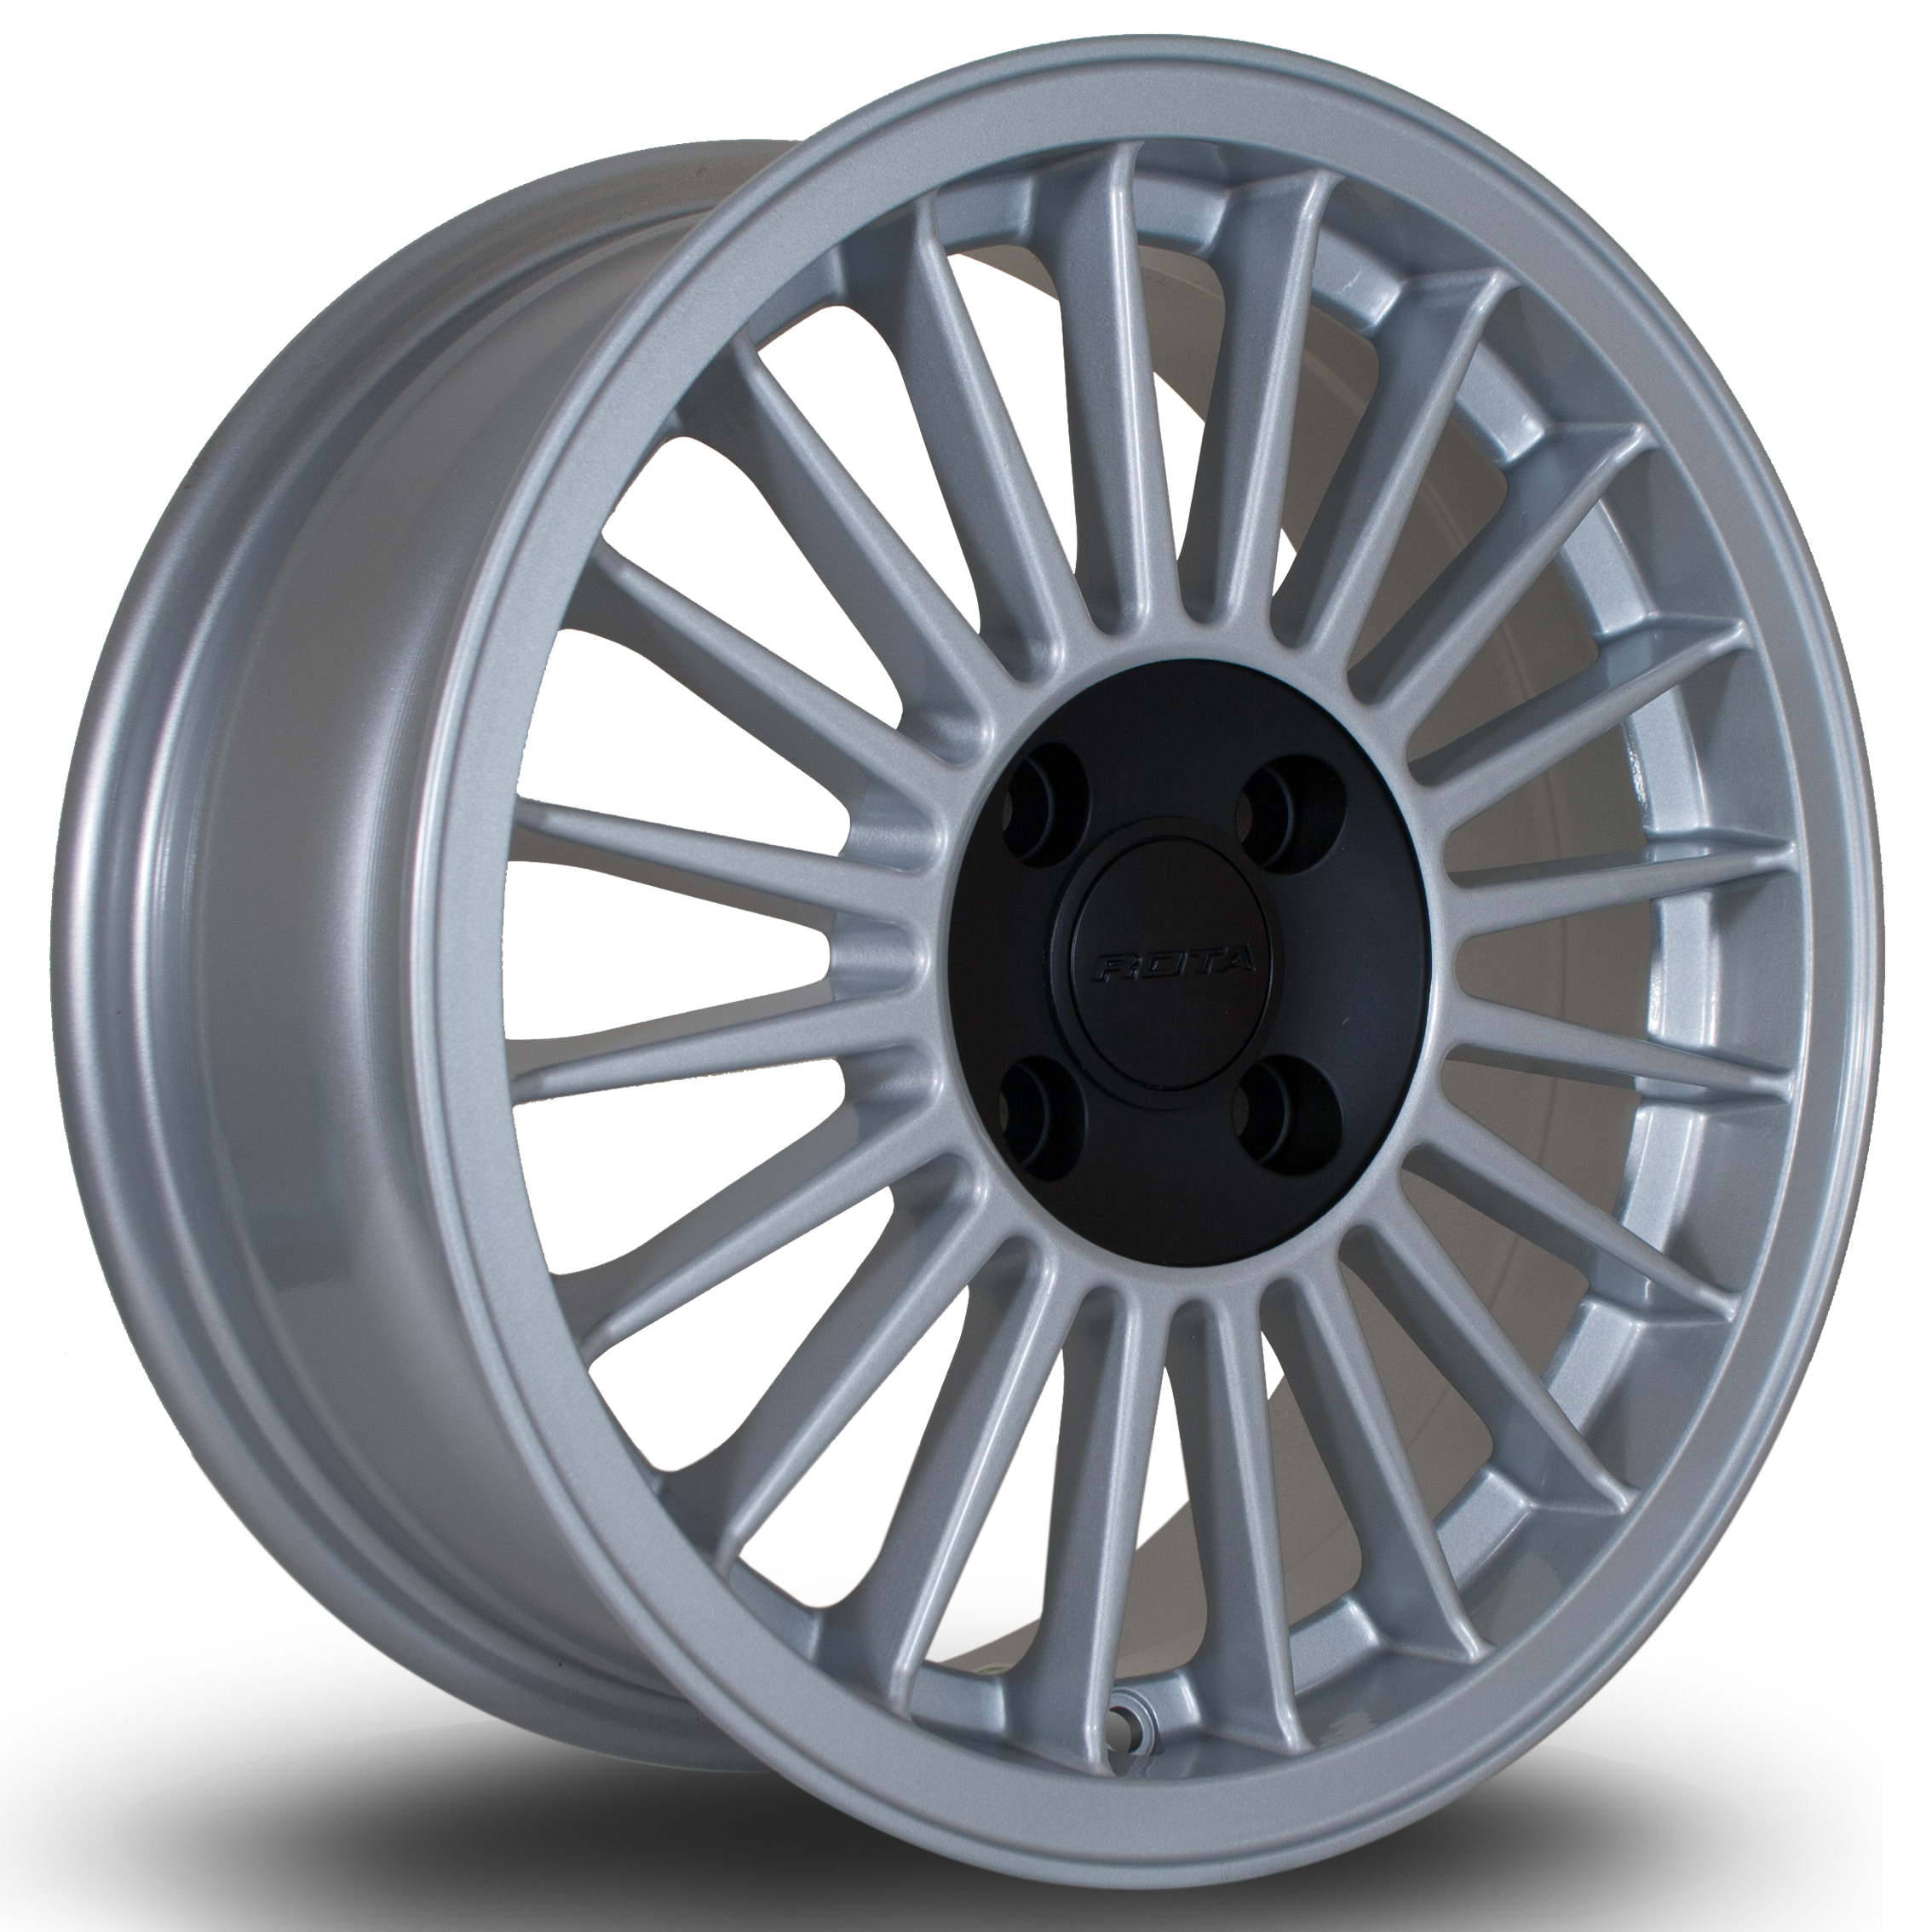 Rota R20 wheels